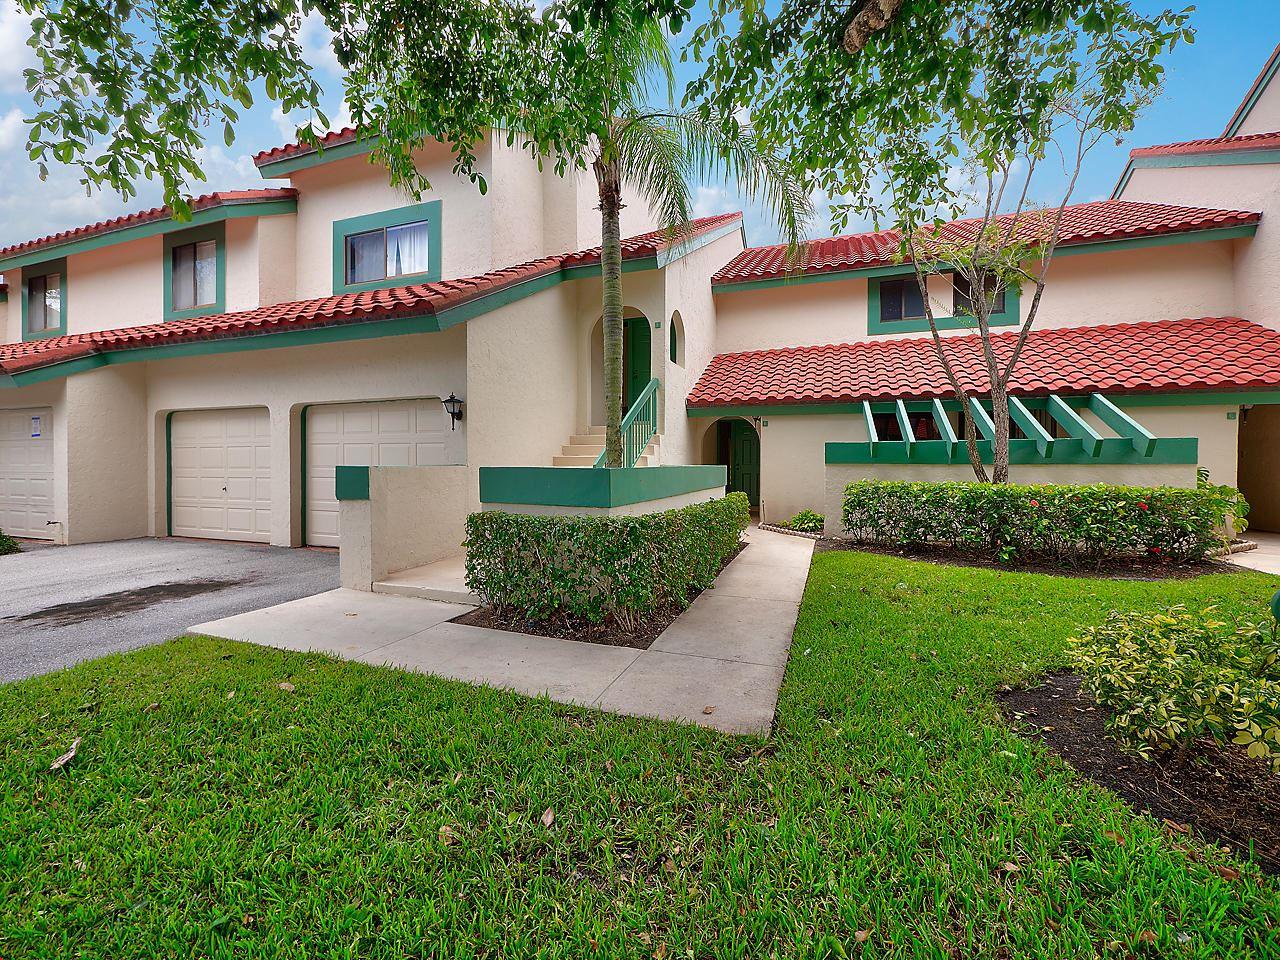 Photo of 24 Lexington Lane W #B, Palm Beach Gardens, FL 33418 (MLS # RX-10675712)